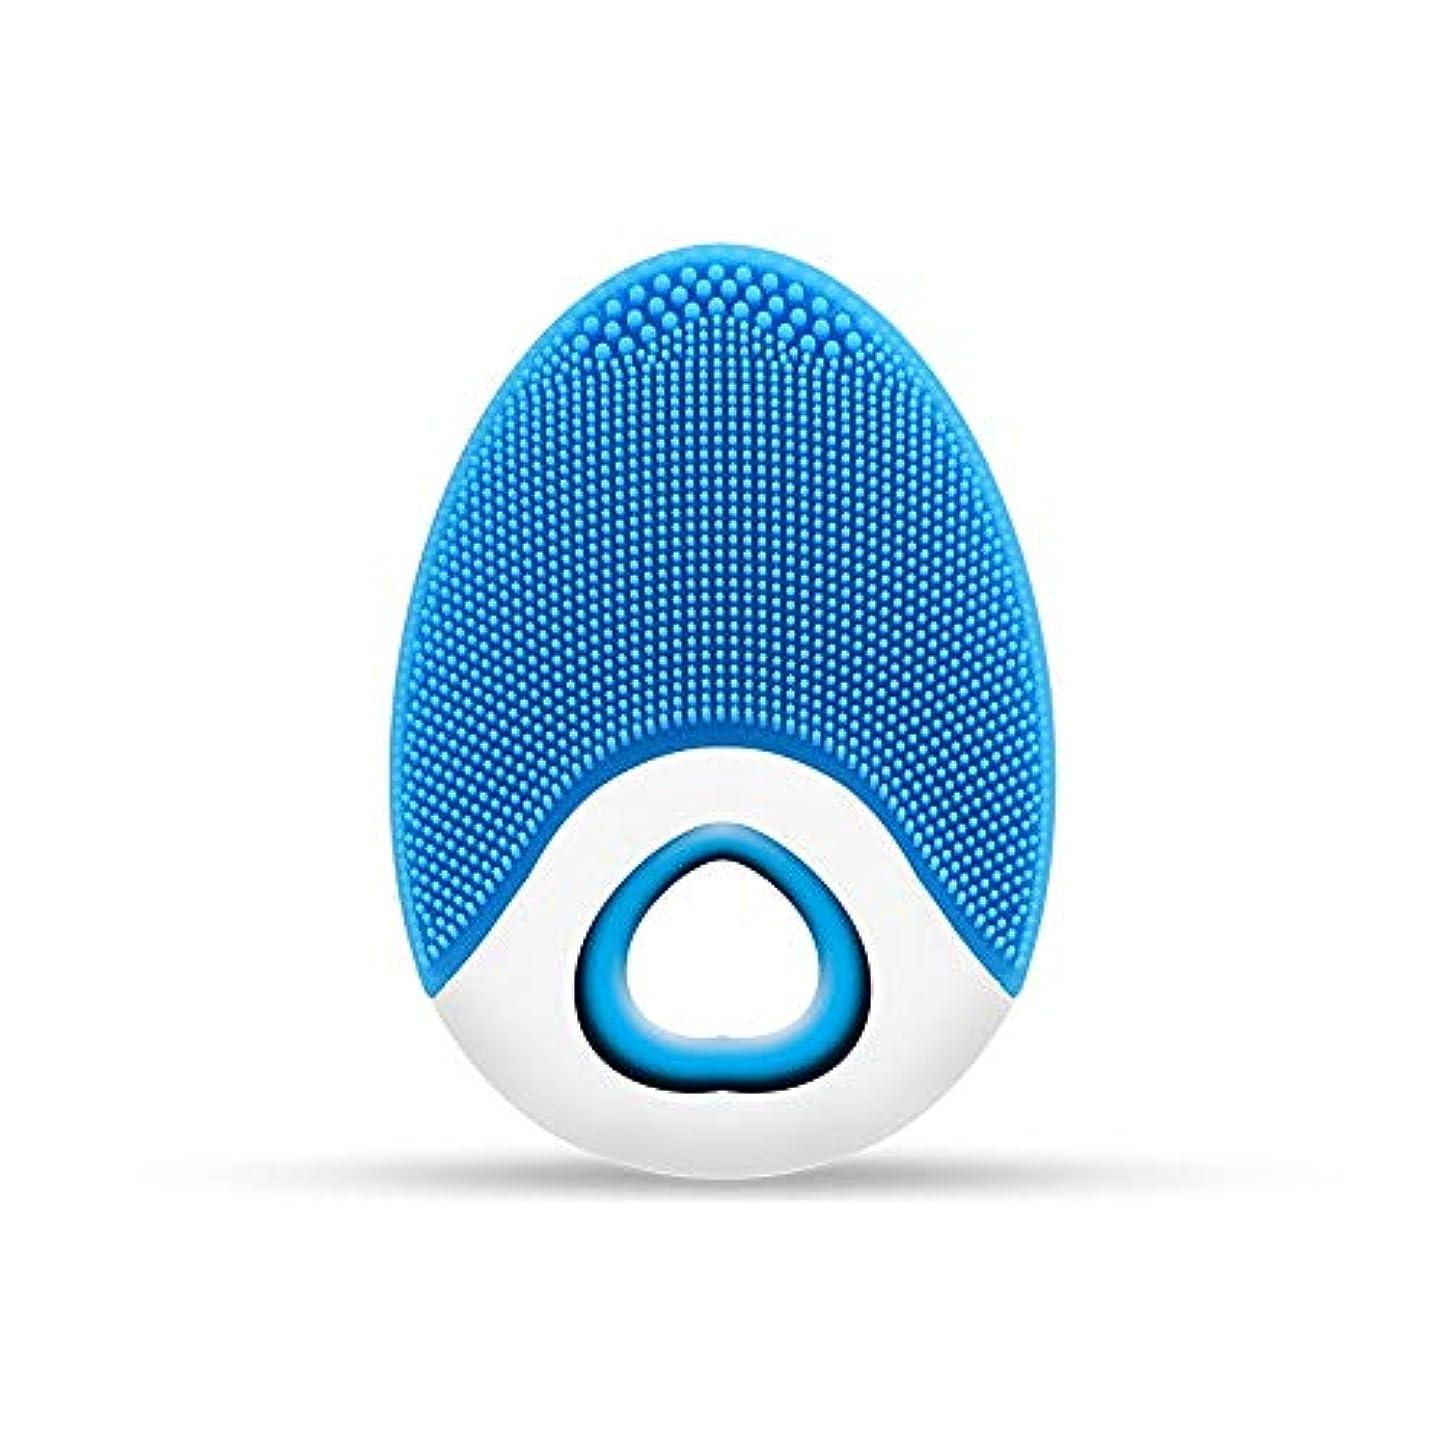 ファイアル思いやり飛ぶZXF ワイヤレス充電電気シリコーンクレンジングブラシ高周波振動防水マルチレベル調整クレンジング楽器美容器具 滑らかである (色 : Blue)